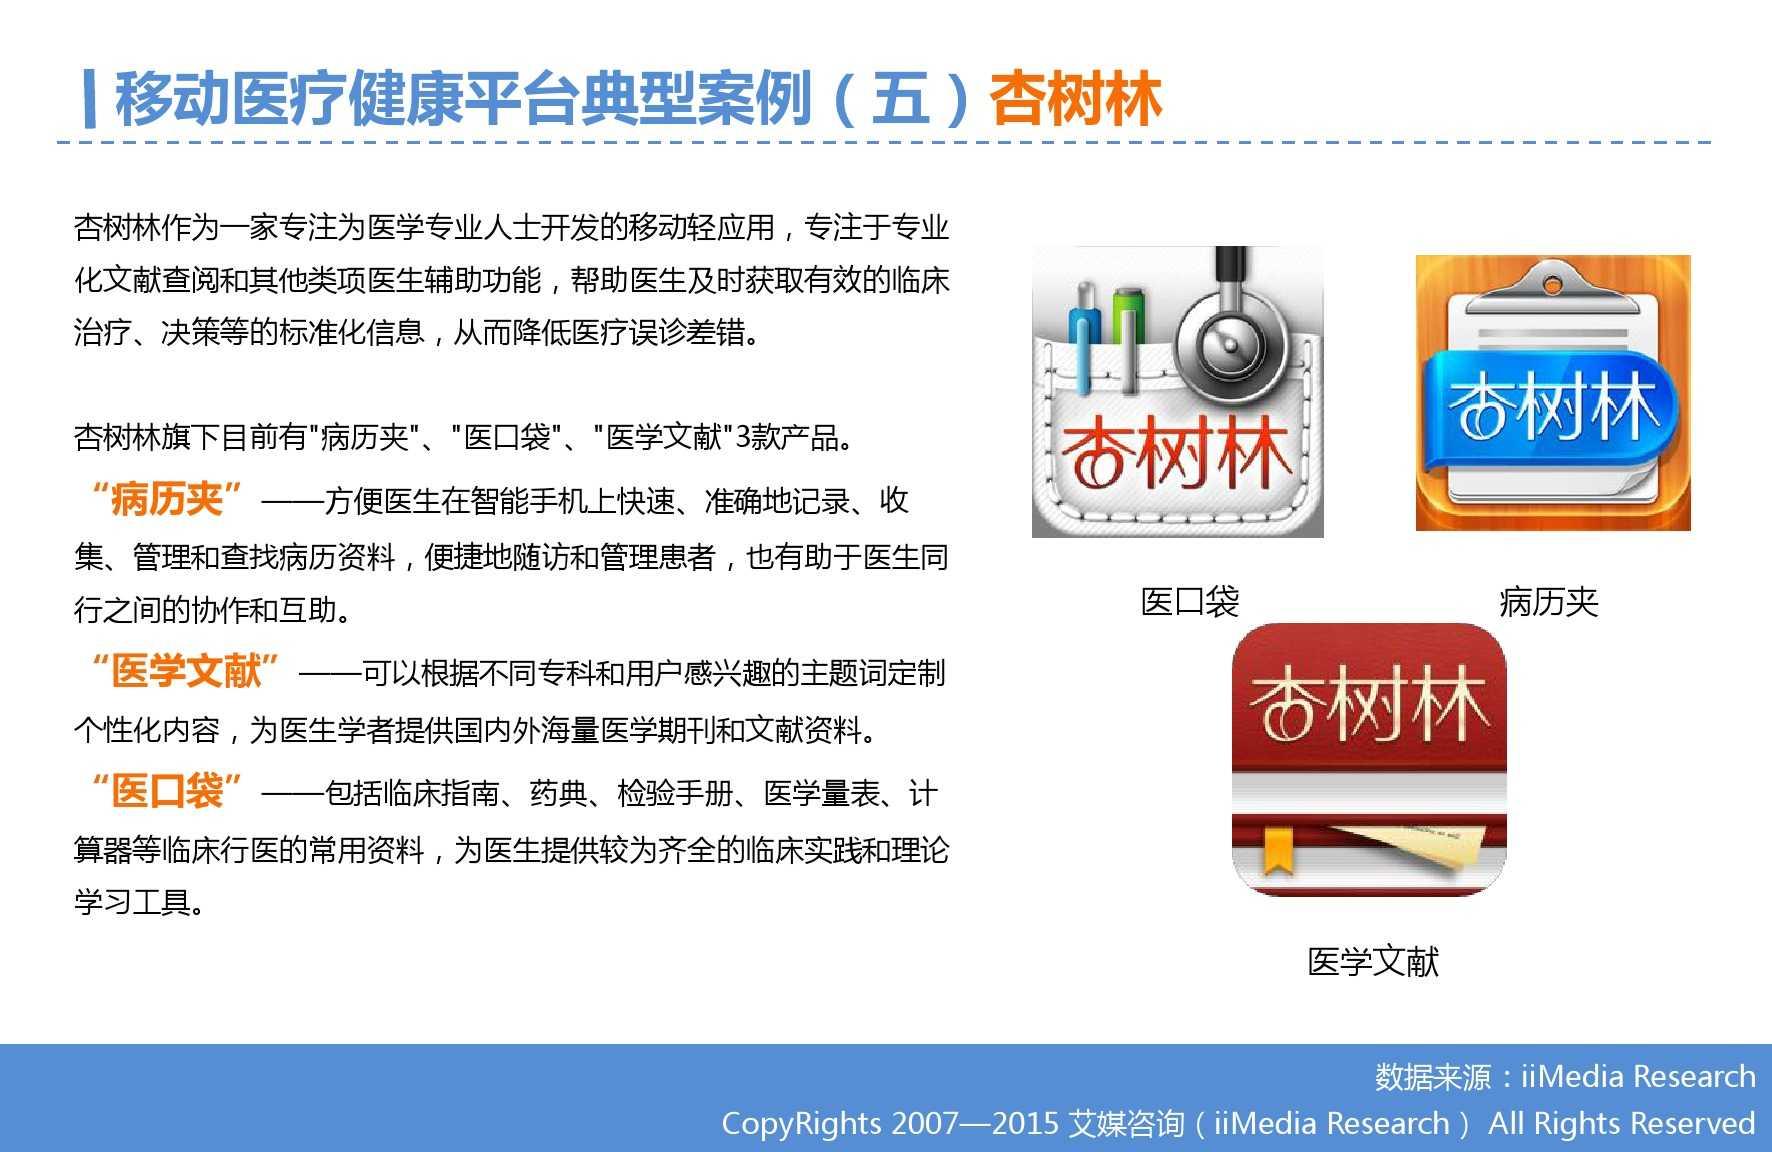 2015年Q3中国移动医疗健康市场监测报告_000021